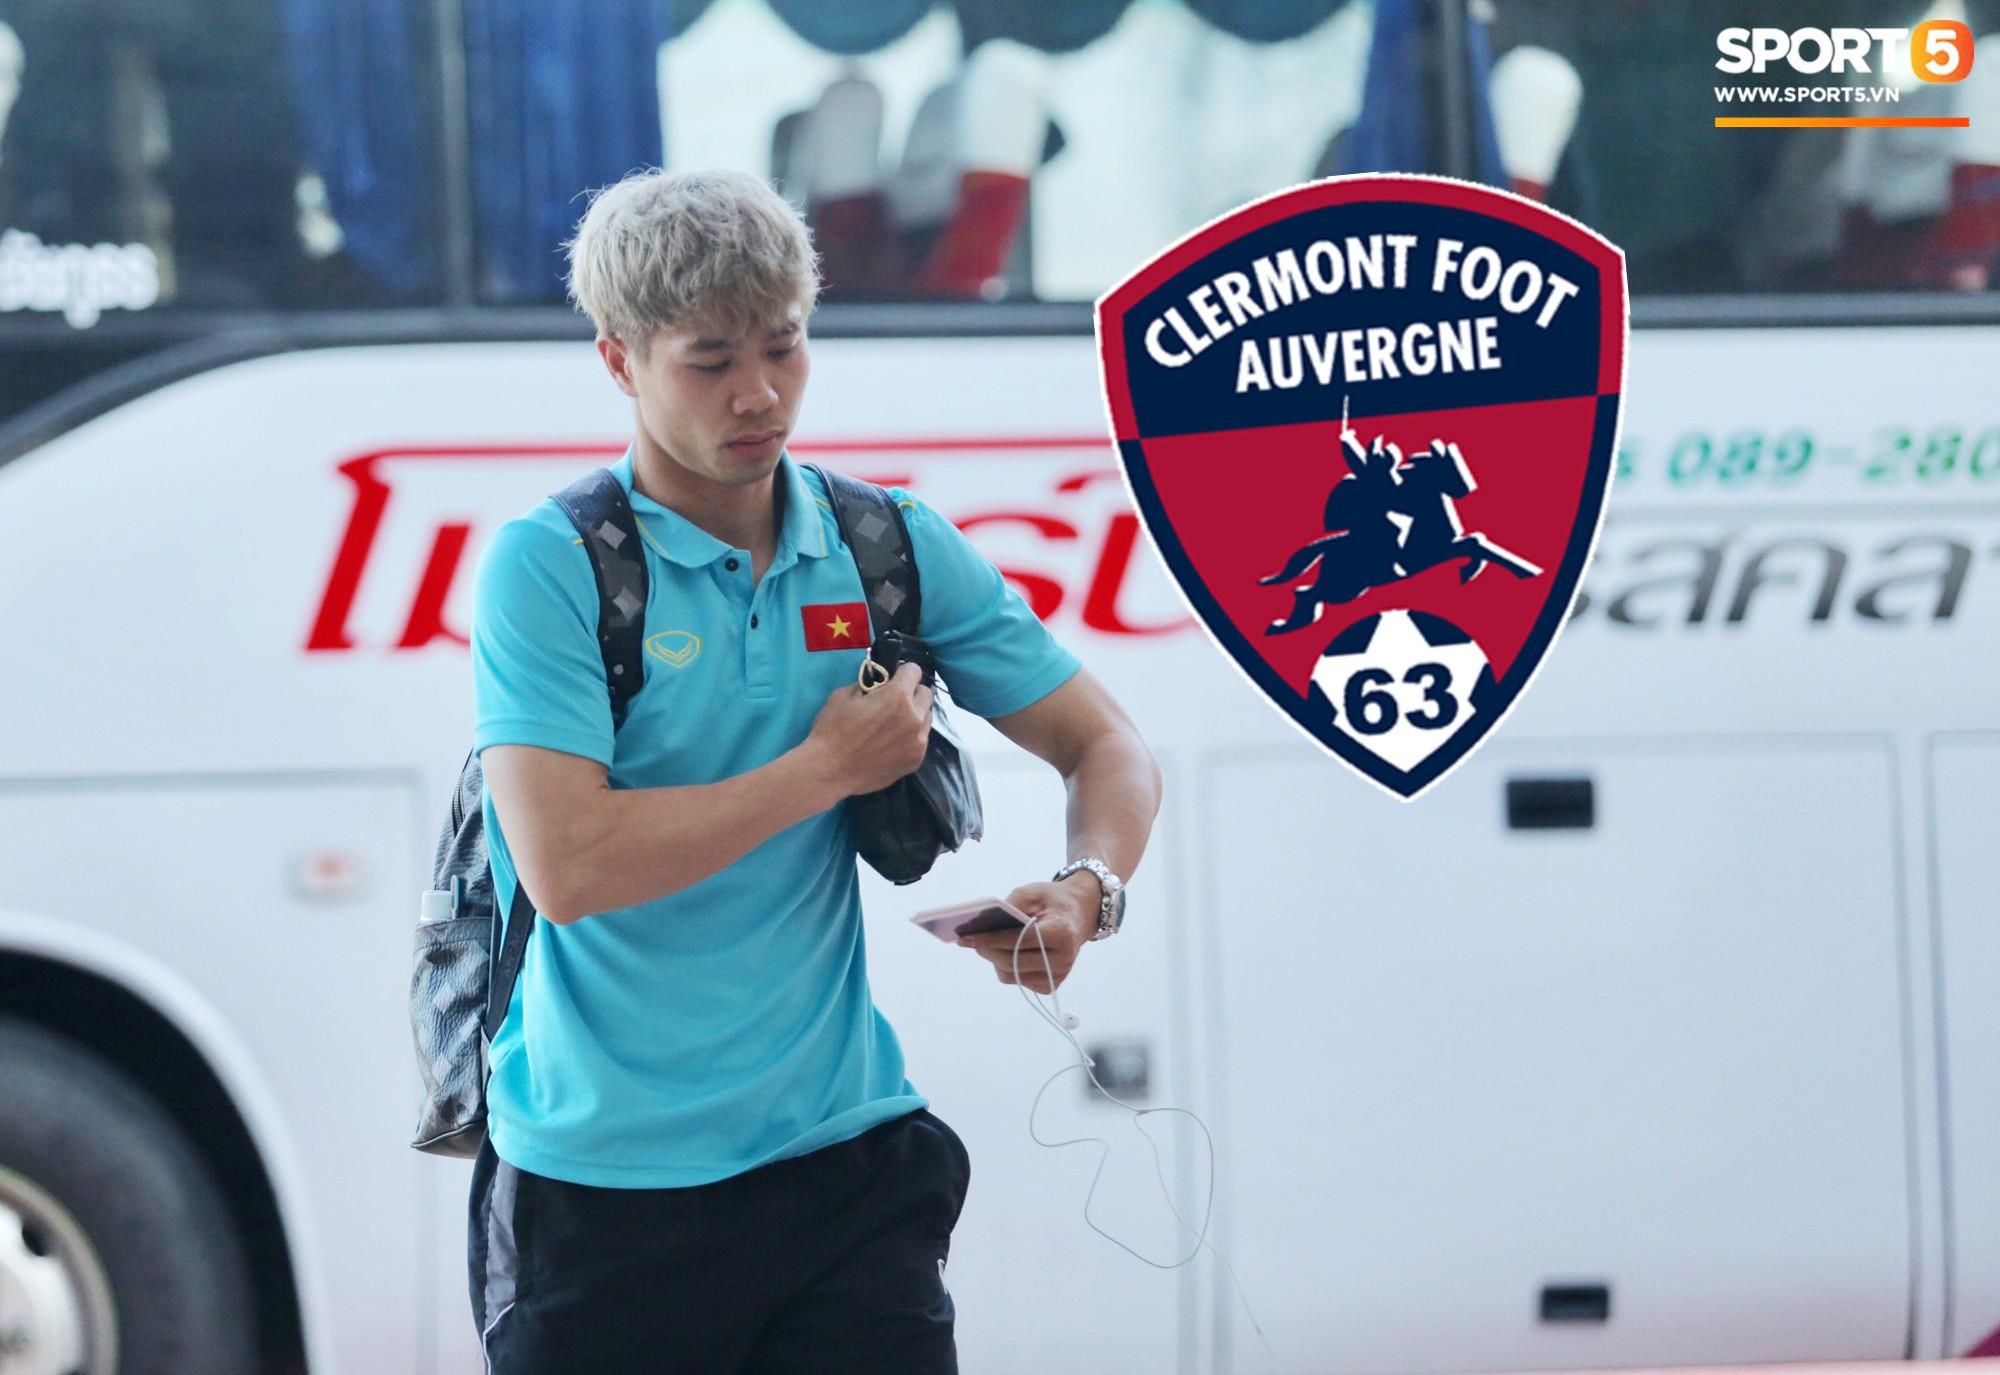 Chính thức: Không phải Paris FC, Clermont Foot 63 mới là bến đỗ mới của Công Phượng khi sang Pháp - Ảnh 2.